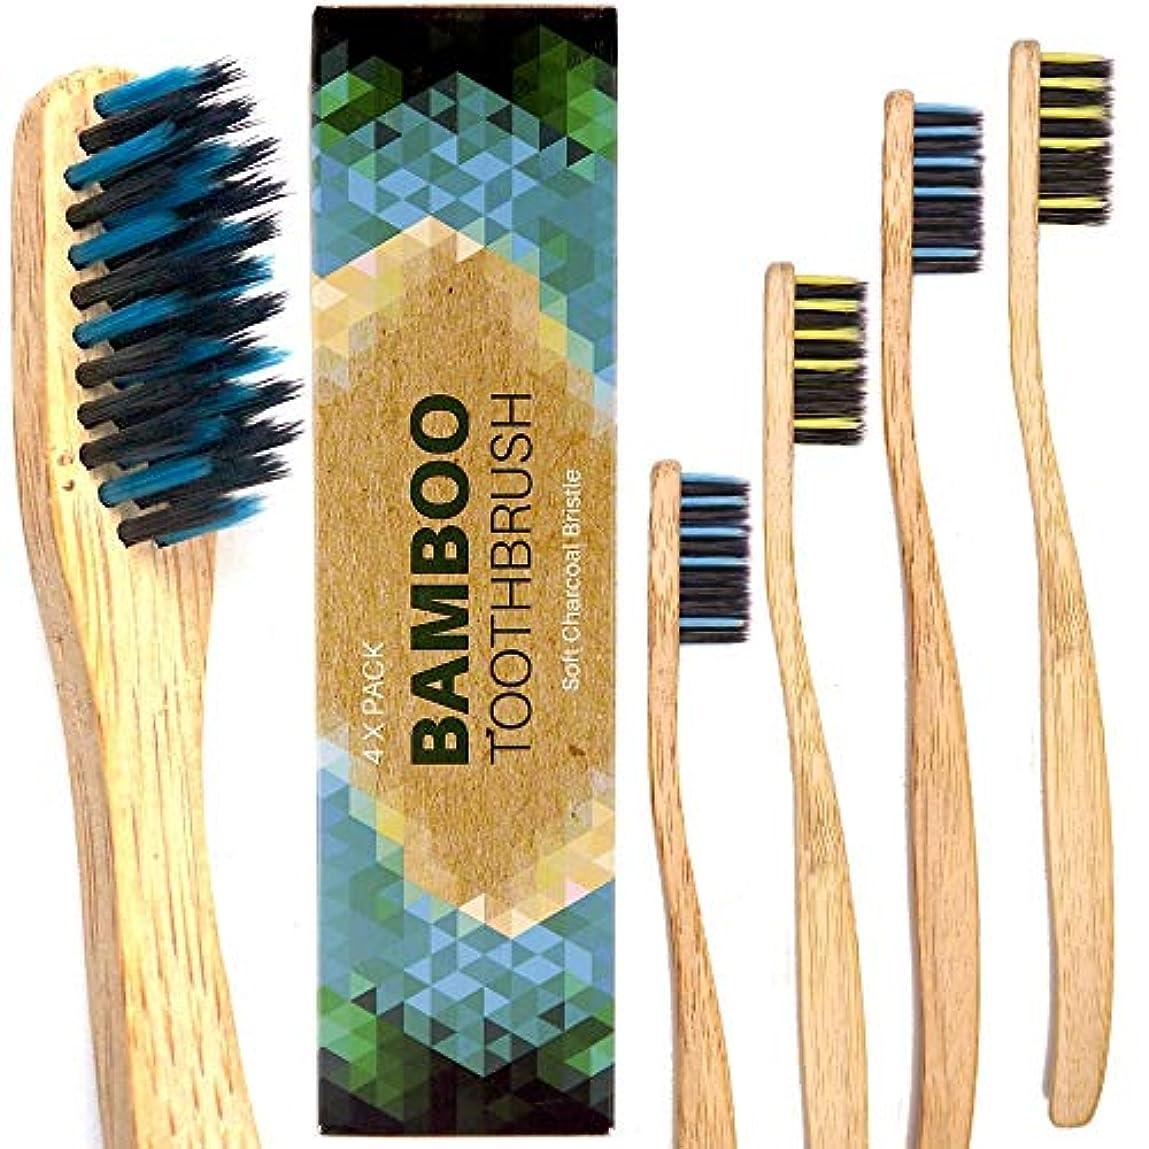 頂点クライアントデマンド竹製歯ブラシ。チャコールブリストル大人 - ミディアム及びソフト、生分解性、ビーガン、バイオ、エコ、持続可能な木製ハンドル4本パック4 Bamboo Toothbrushes, ホワイトニング 歯, ドイツの品質, 竹歯ブラシ